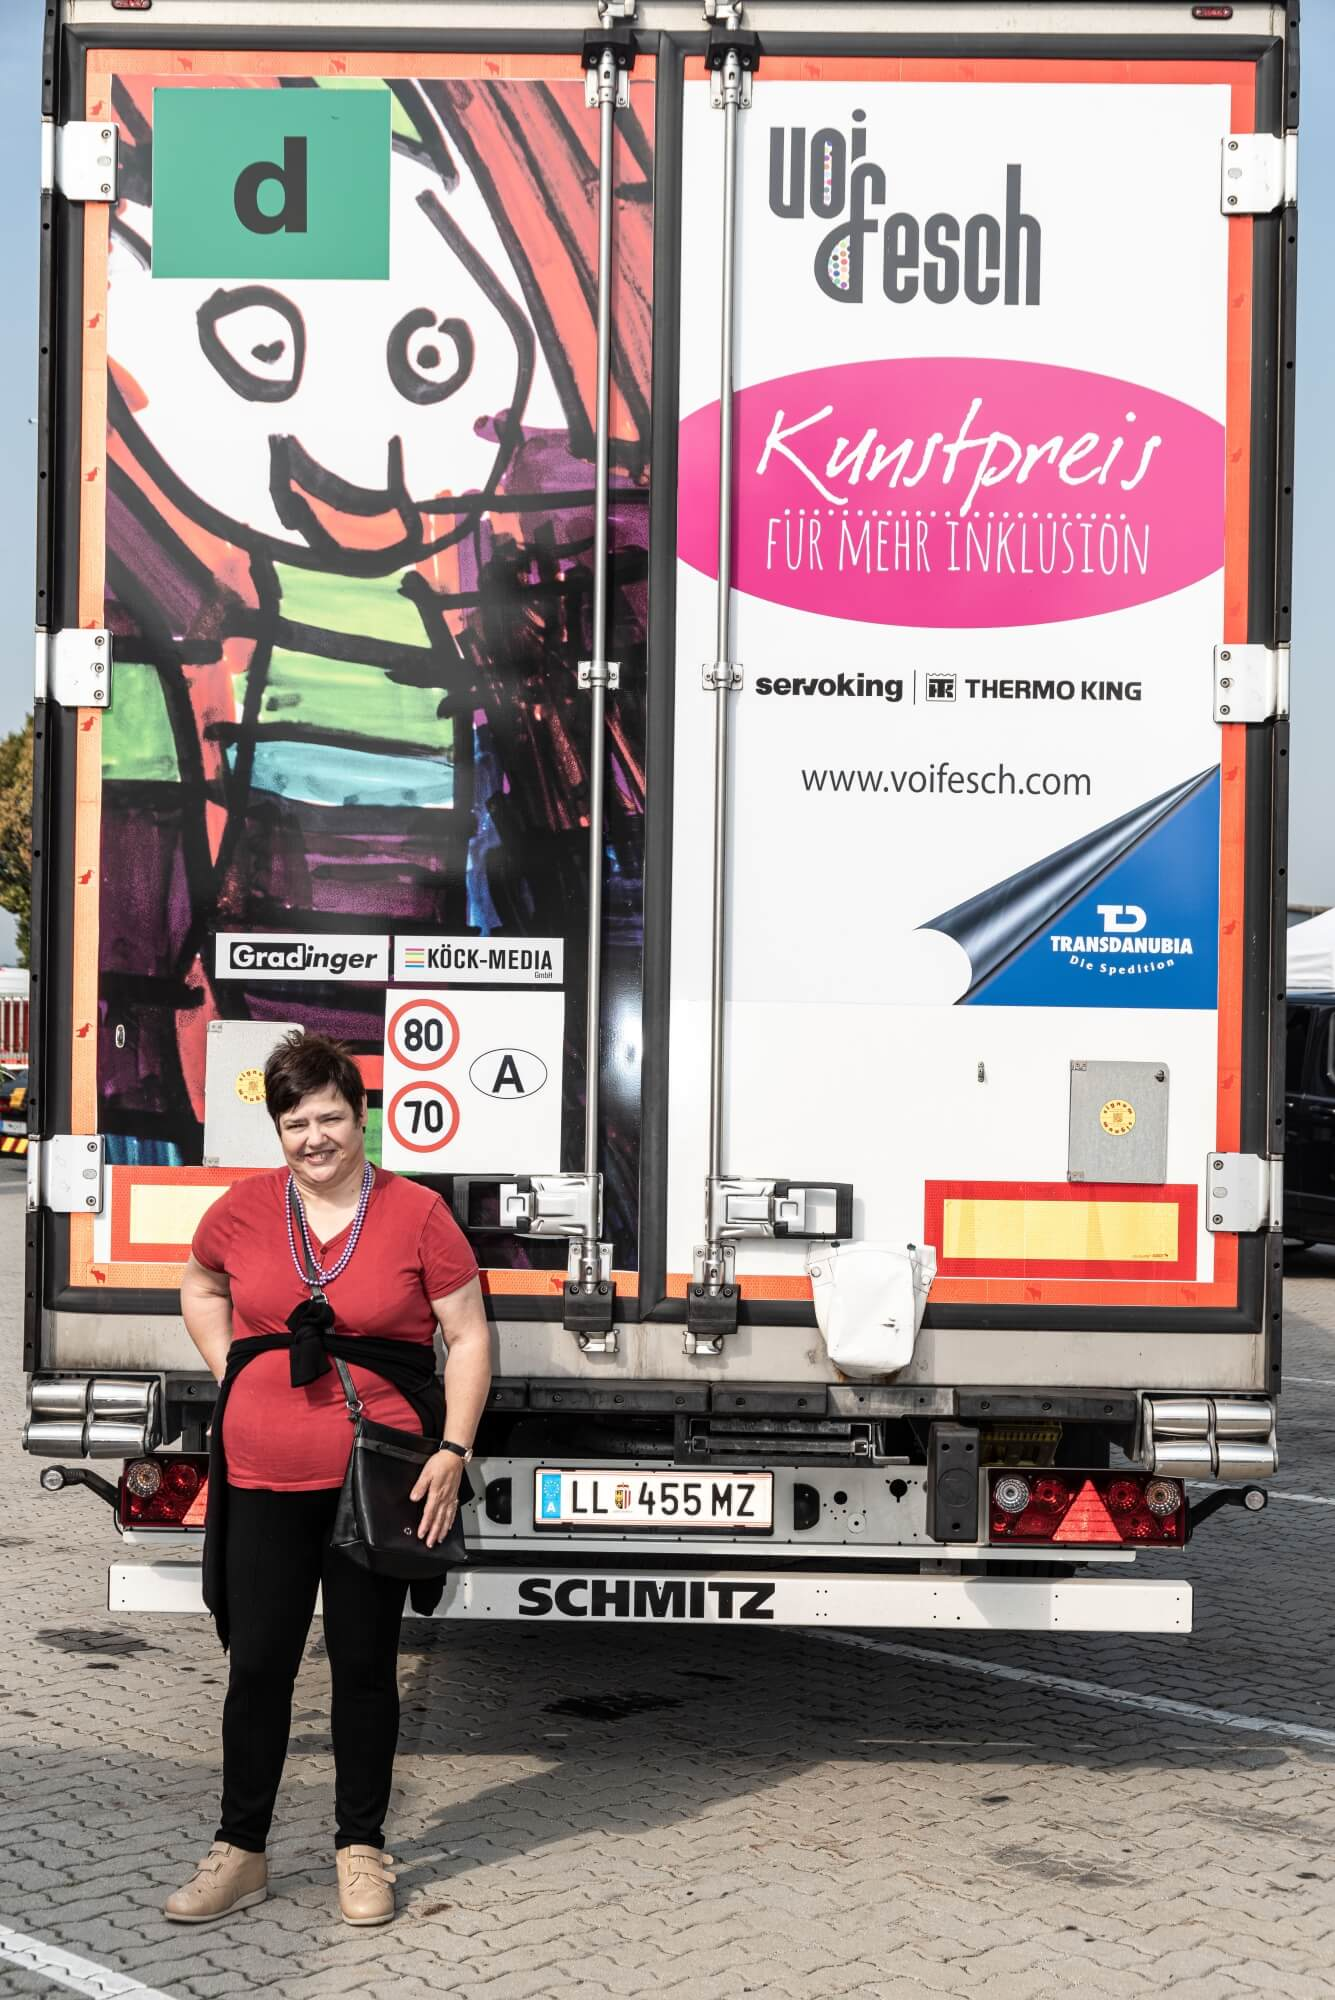 Künstlerin Monika Schmidhofer steht vor der Rückseite des LKWs, welcher mit ihrem Kunstwerk bedruckt ist. Zu sehen sind auch Logos von den Sponoren Servoking, Transdanubia und vom Kunstpreis Organisator VOI fesch.